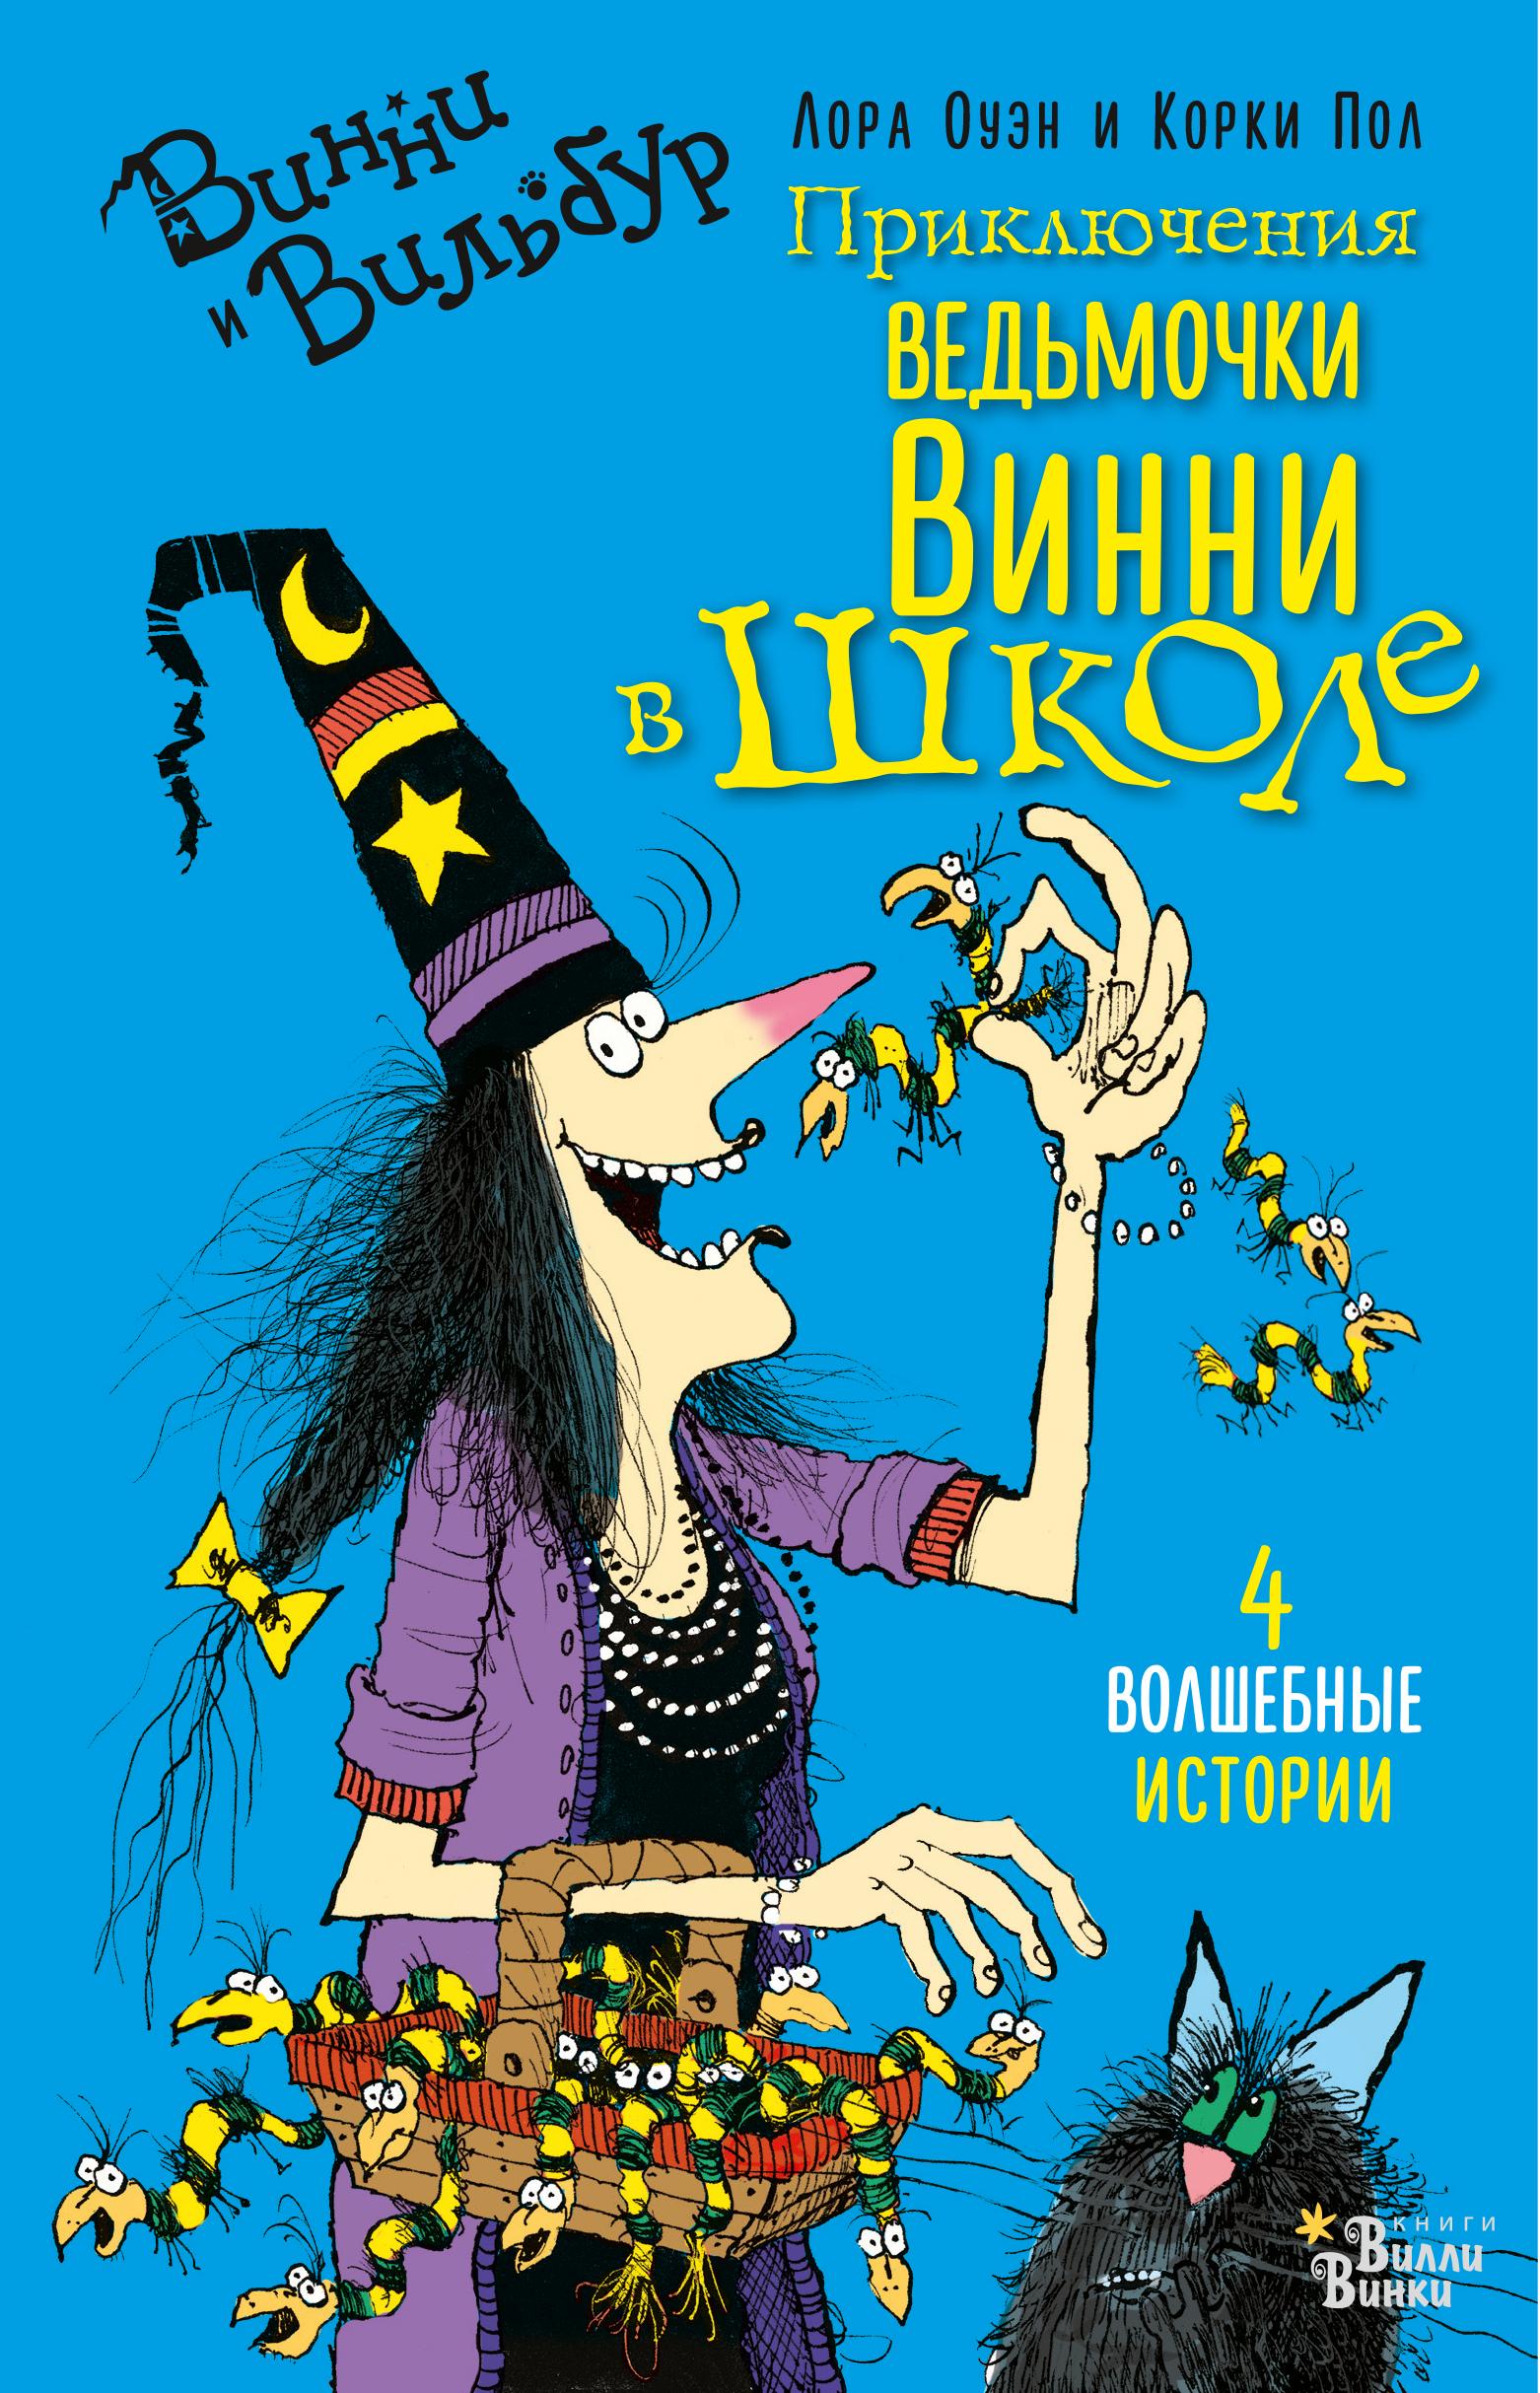 Лора Оуэн Приключения ведьмочки Винни в школе. 4 волшебные истории лора оуэн корки пол патруль ведьмочки винни